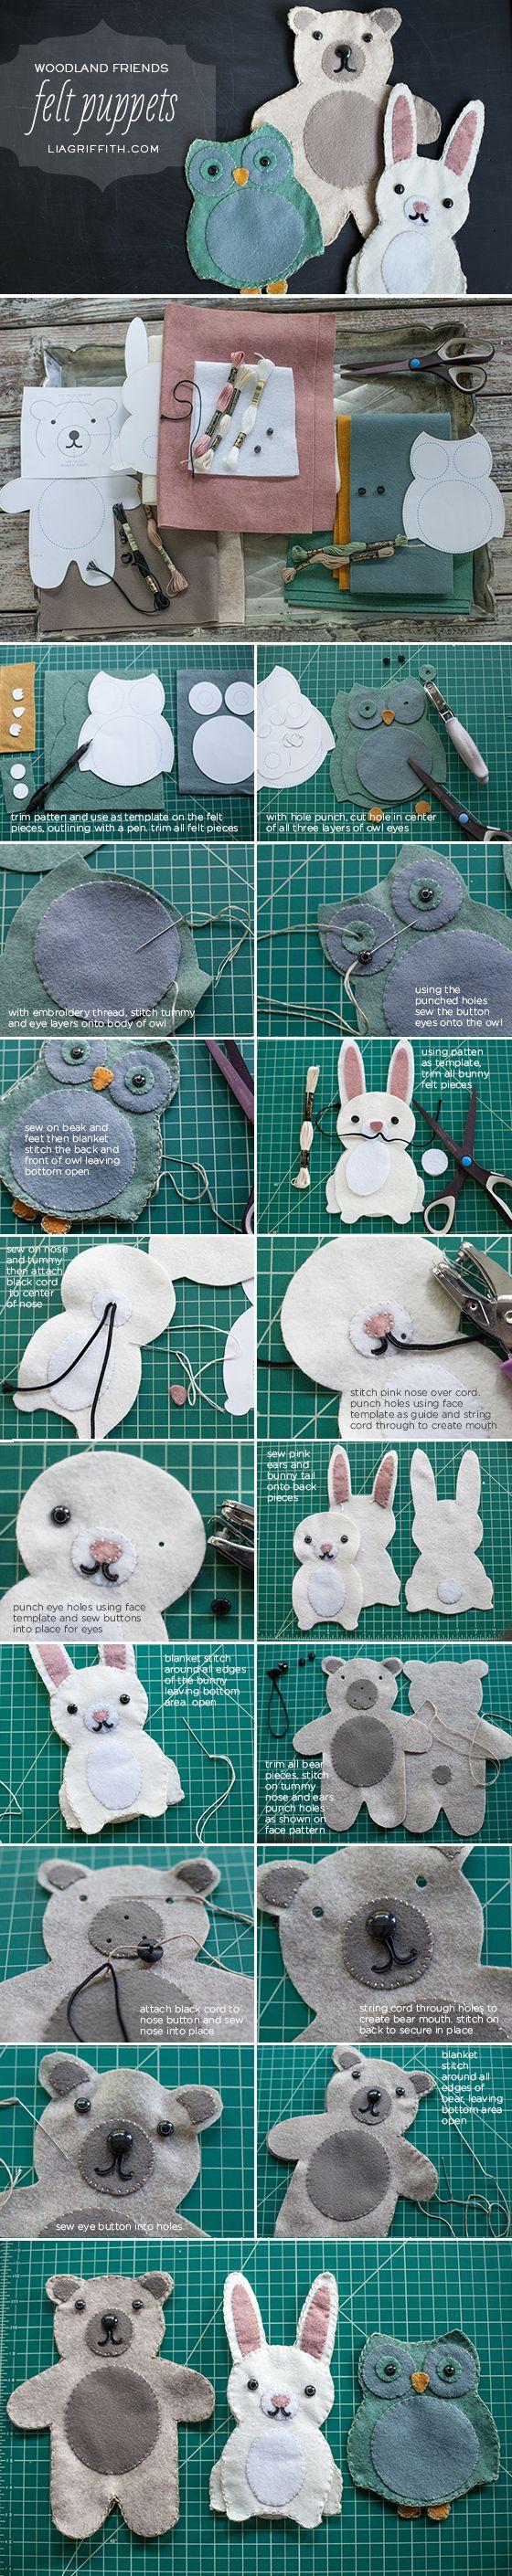 Tutorial para hacer unas marionetas de oso, conejo y búho con fieltro